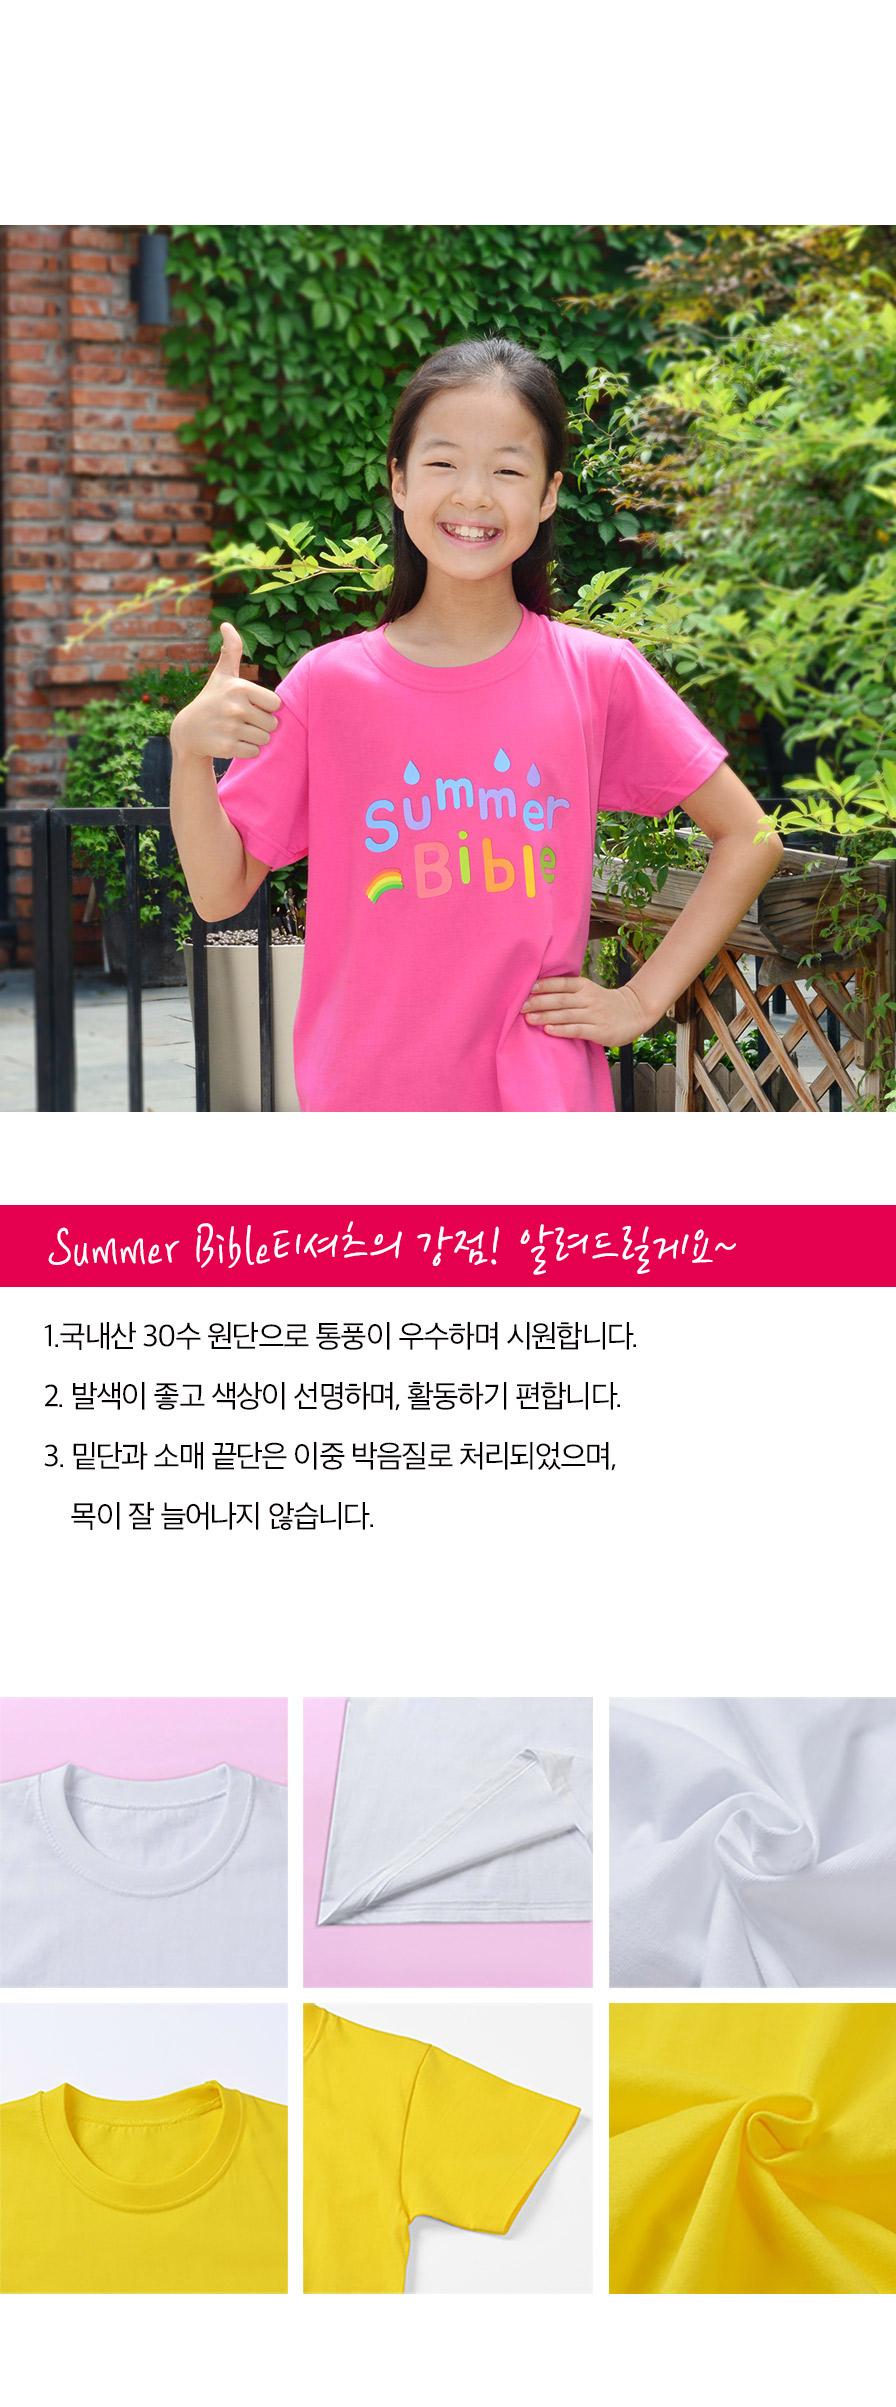 단체티셔츠 Summer Bible 썸머바이블 아동용 강점